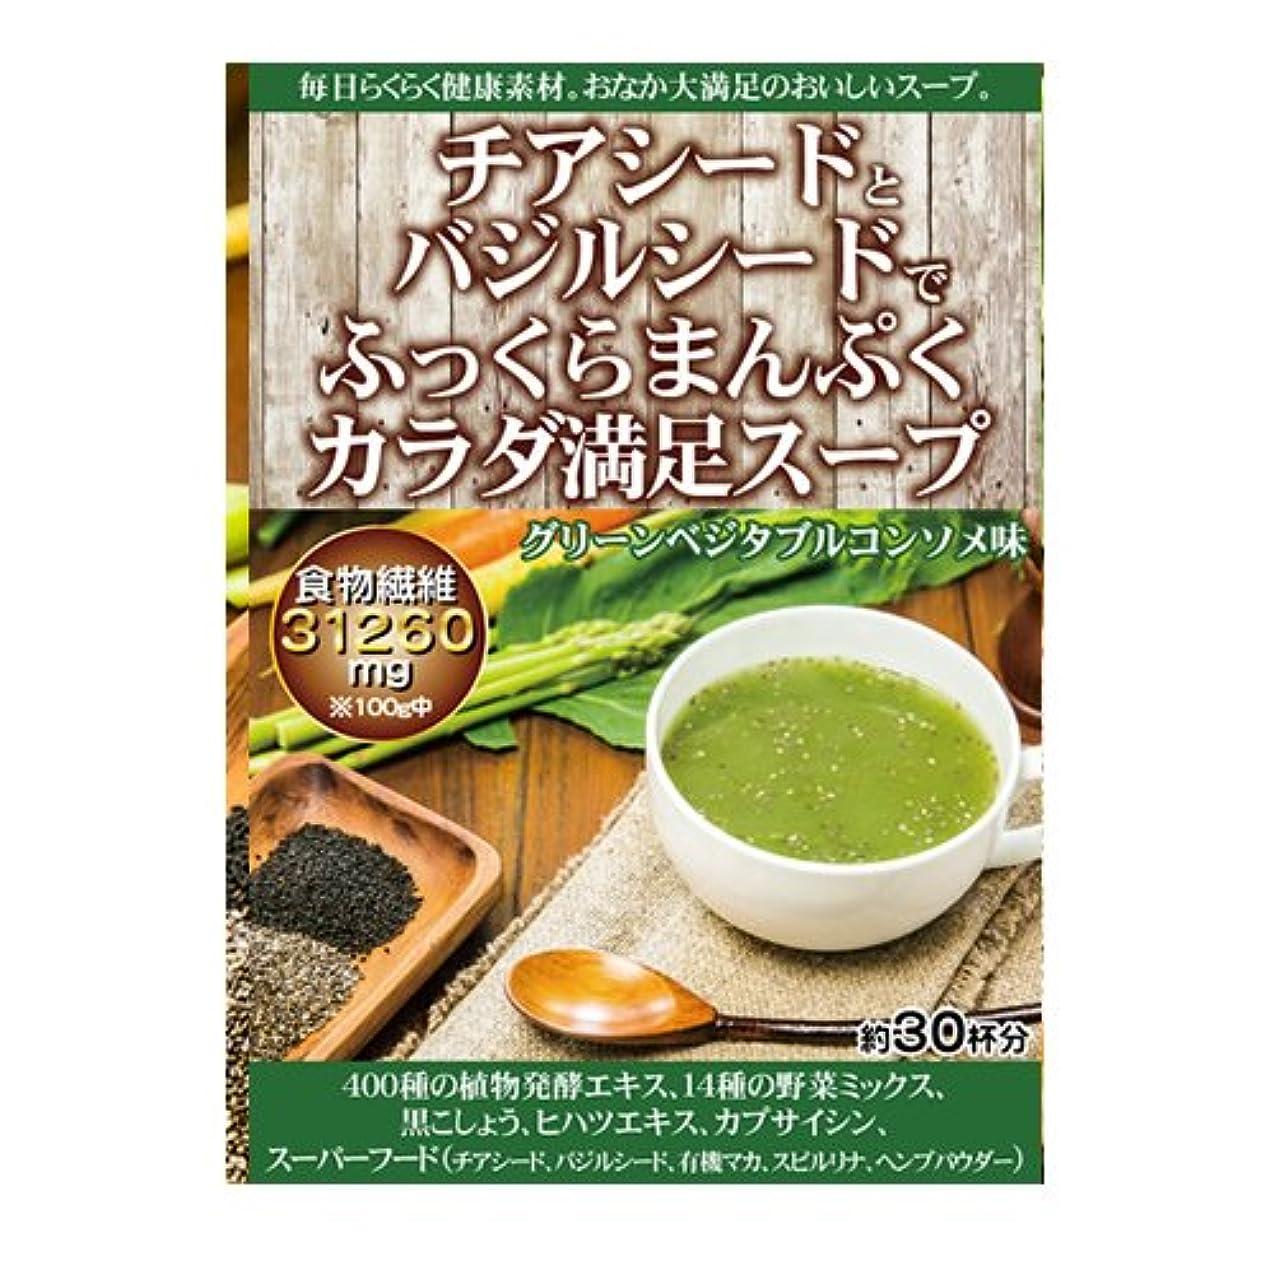 繁栄相談する毒チアシードとバジルシードでふっくらまんぷくカラダ満足スープ(グリーンベジタブルコンソメ味)